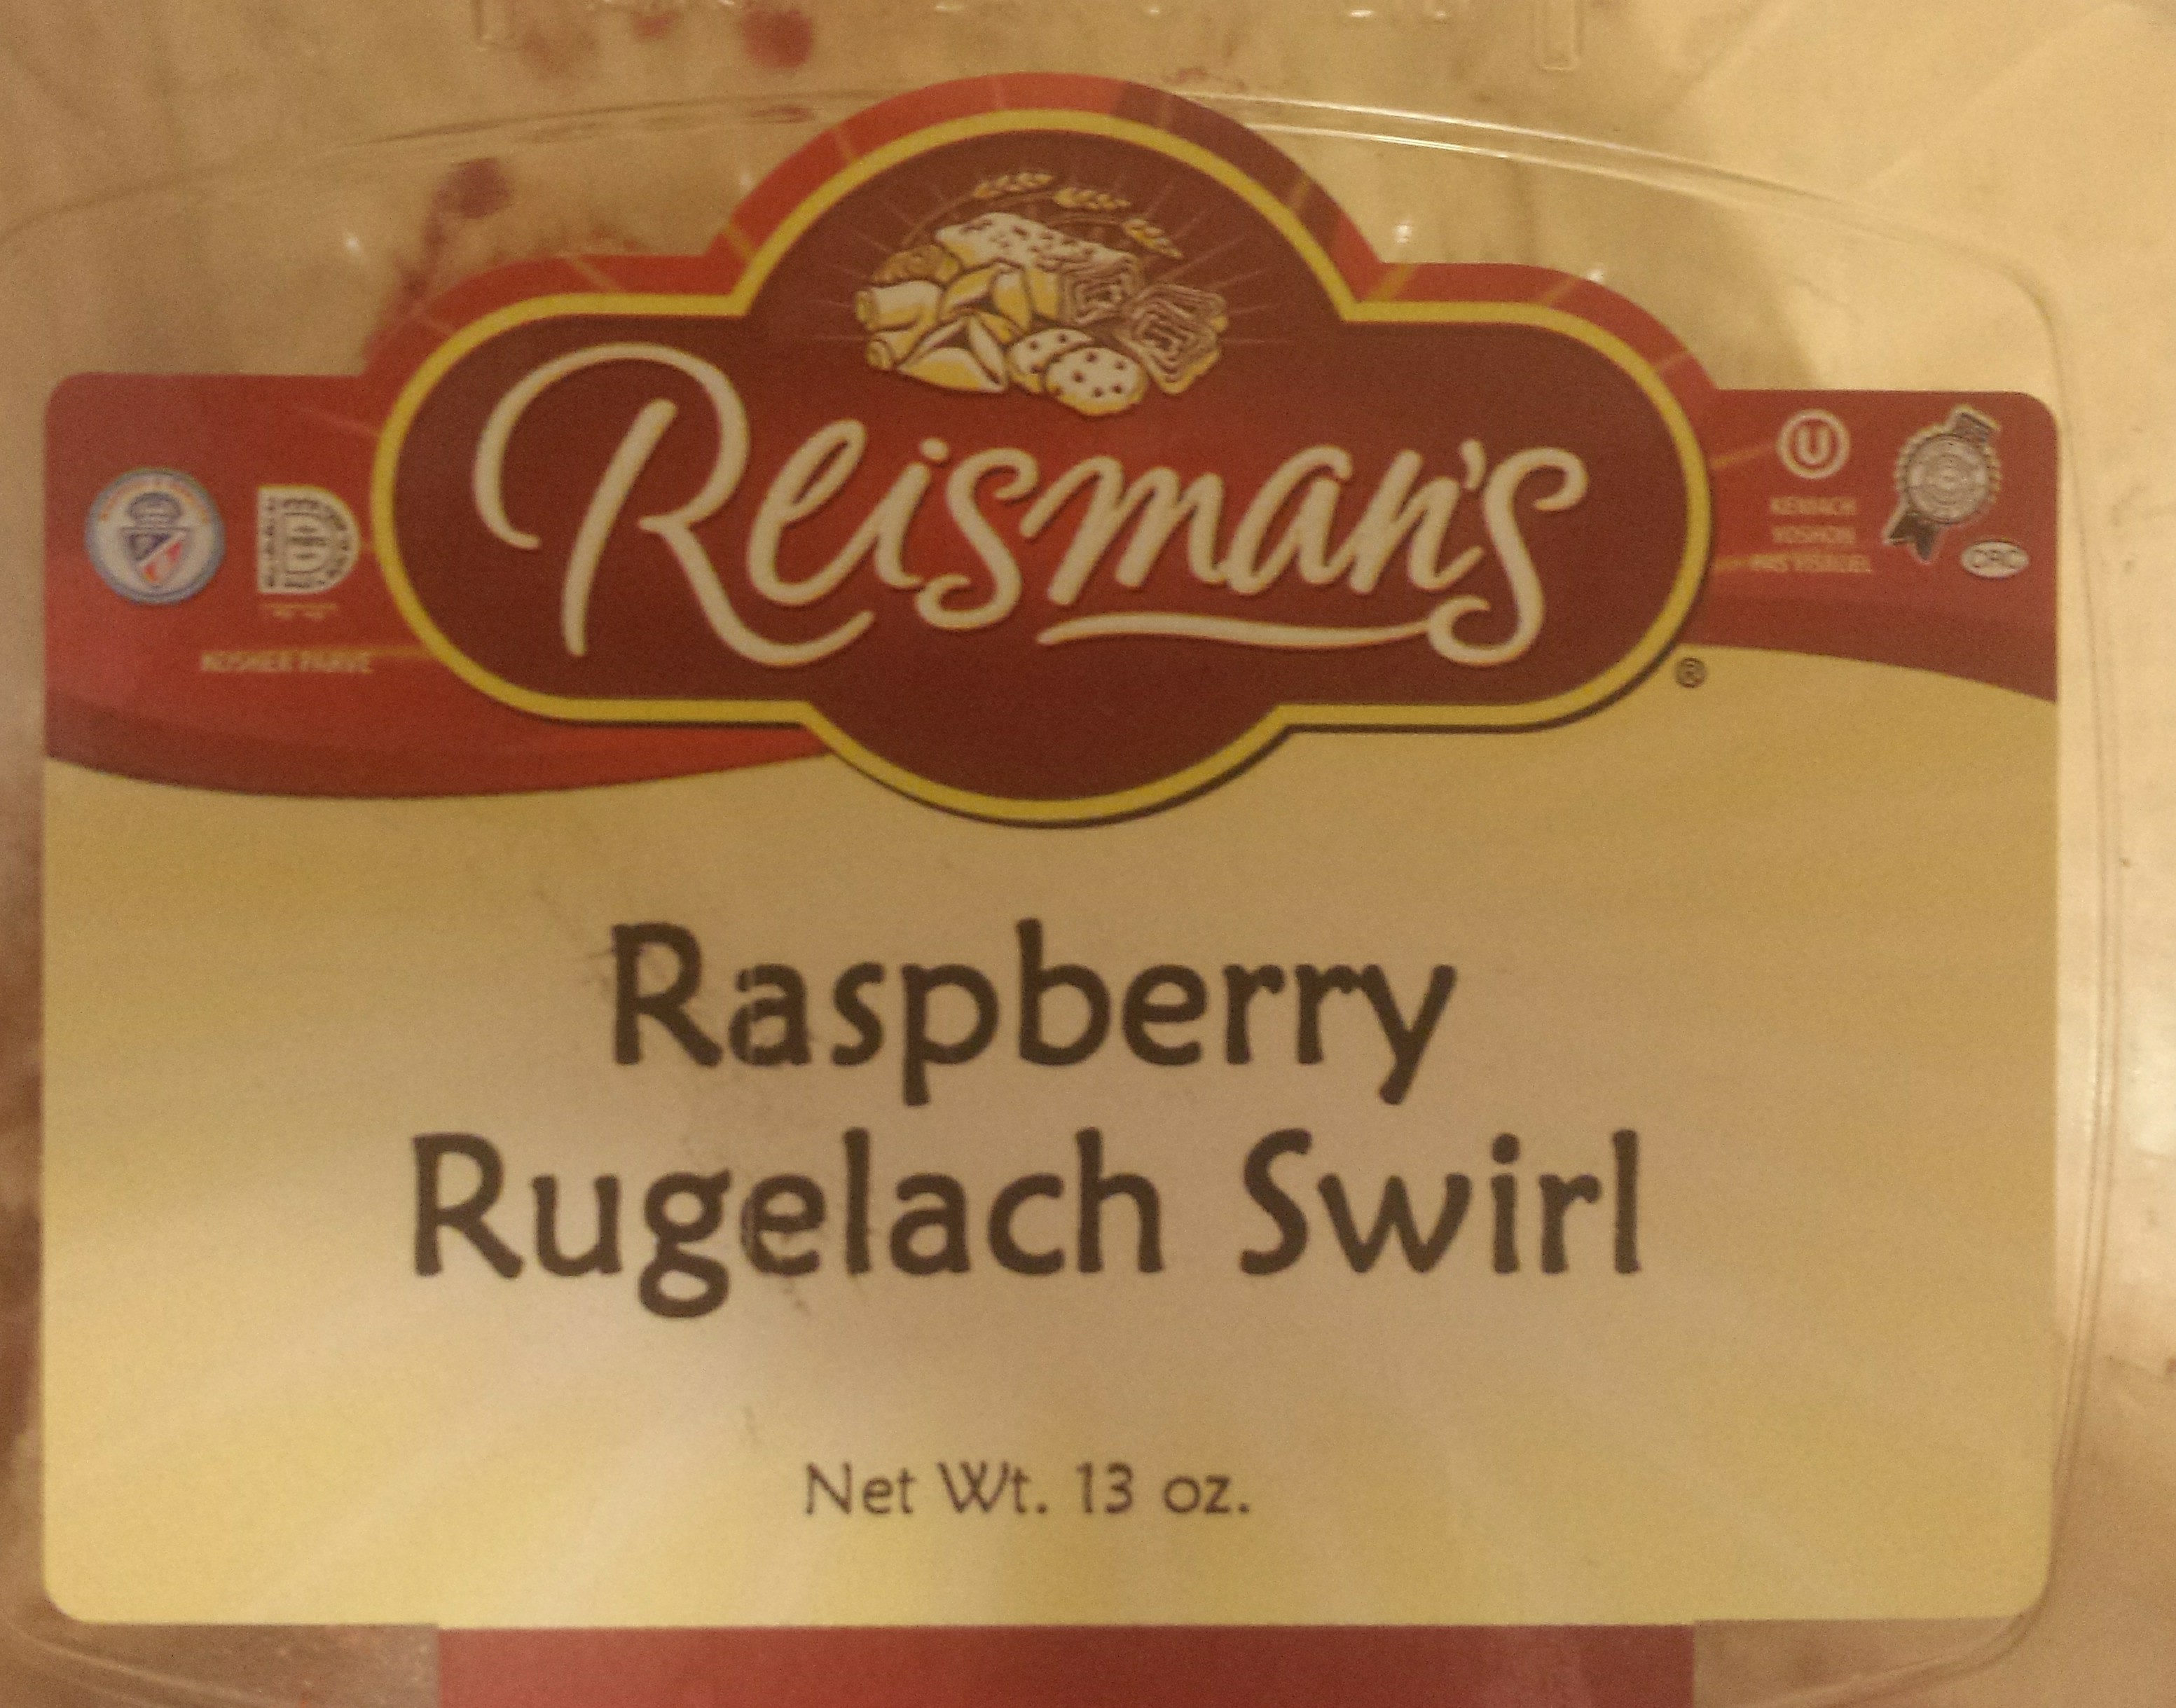 Raspberry Rugelach Swirl - Product - en